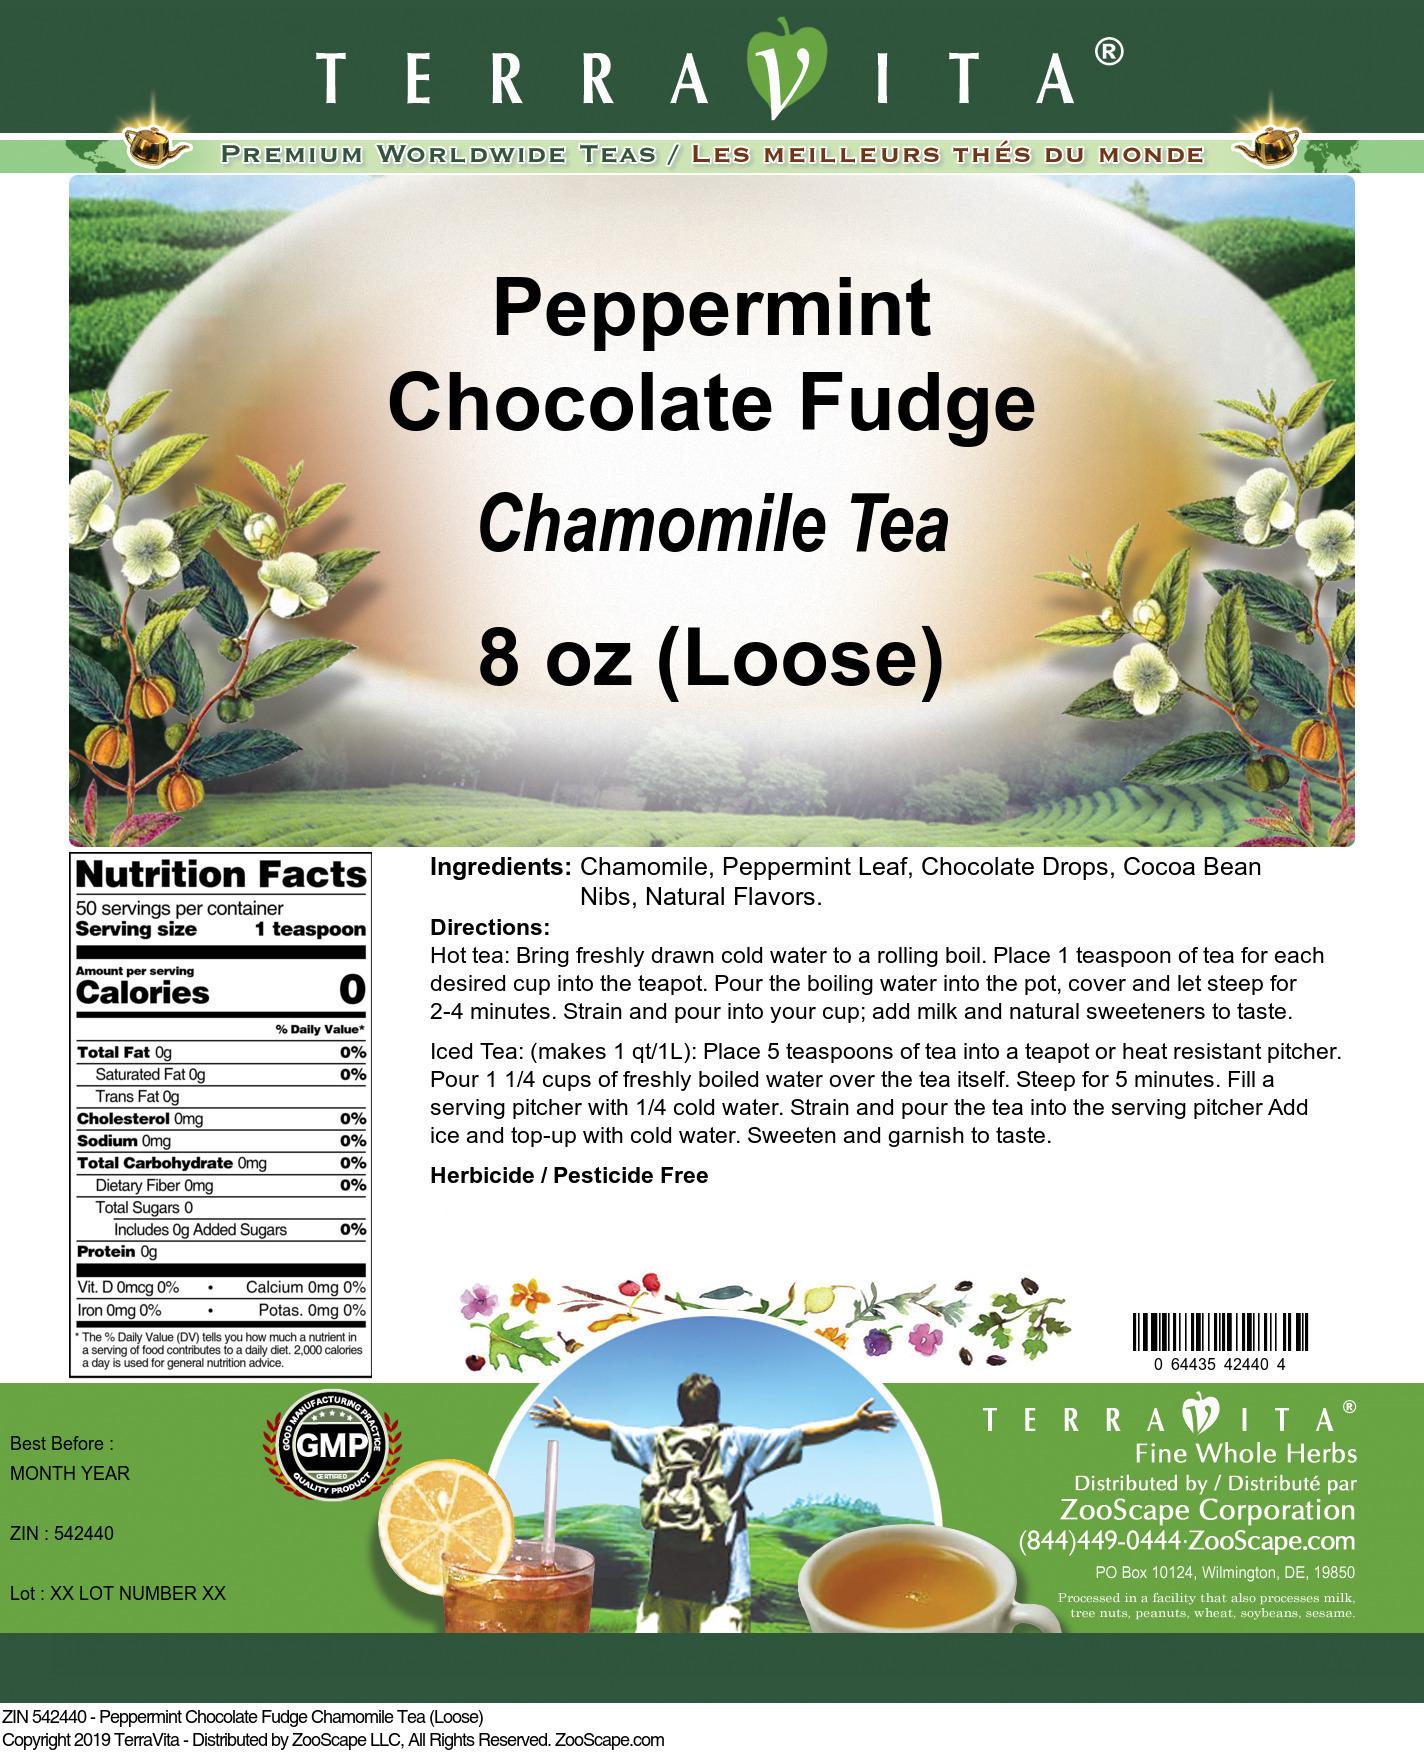 Peppermint Chocolate Fudge Chamomile Tea (Loose)